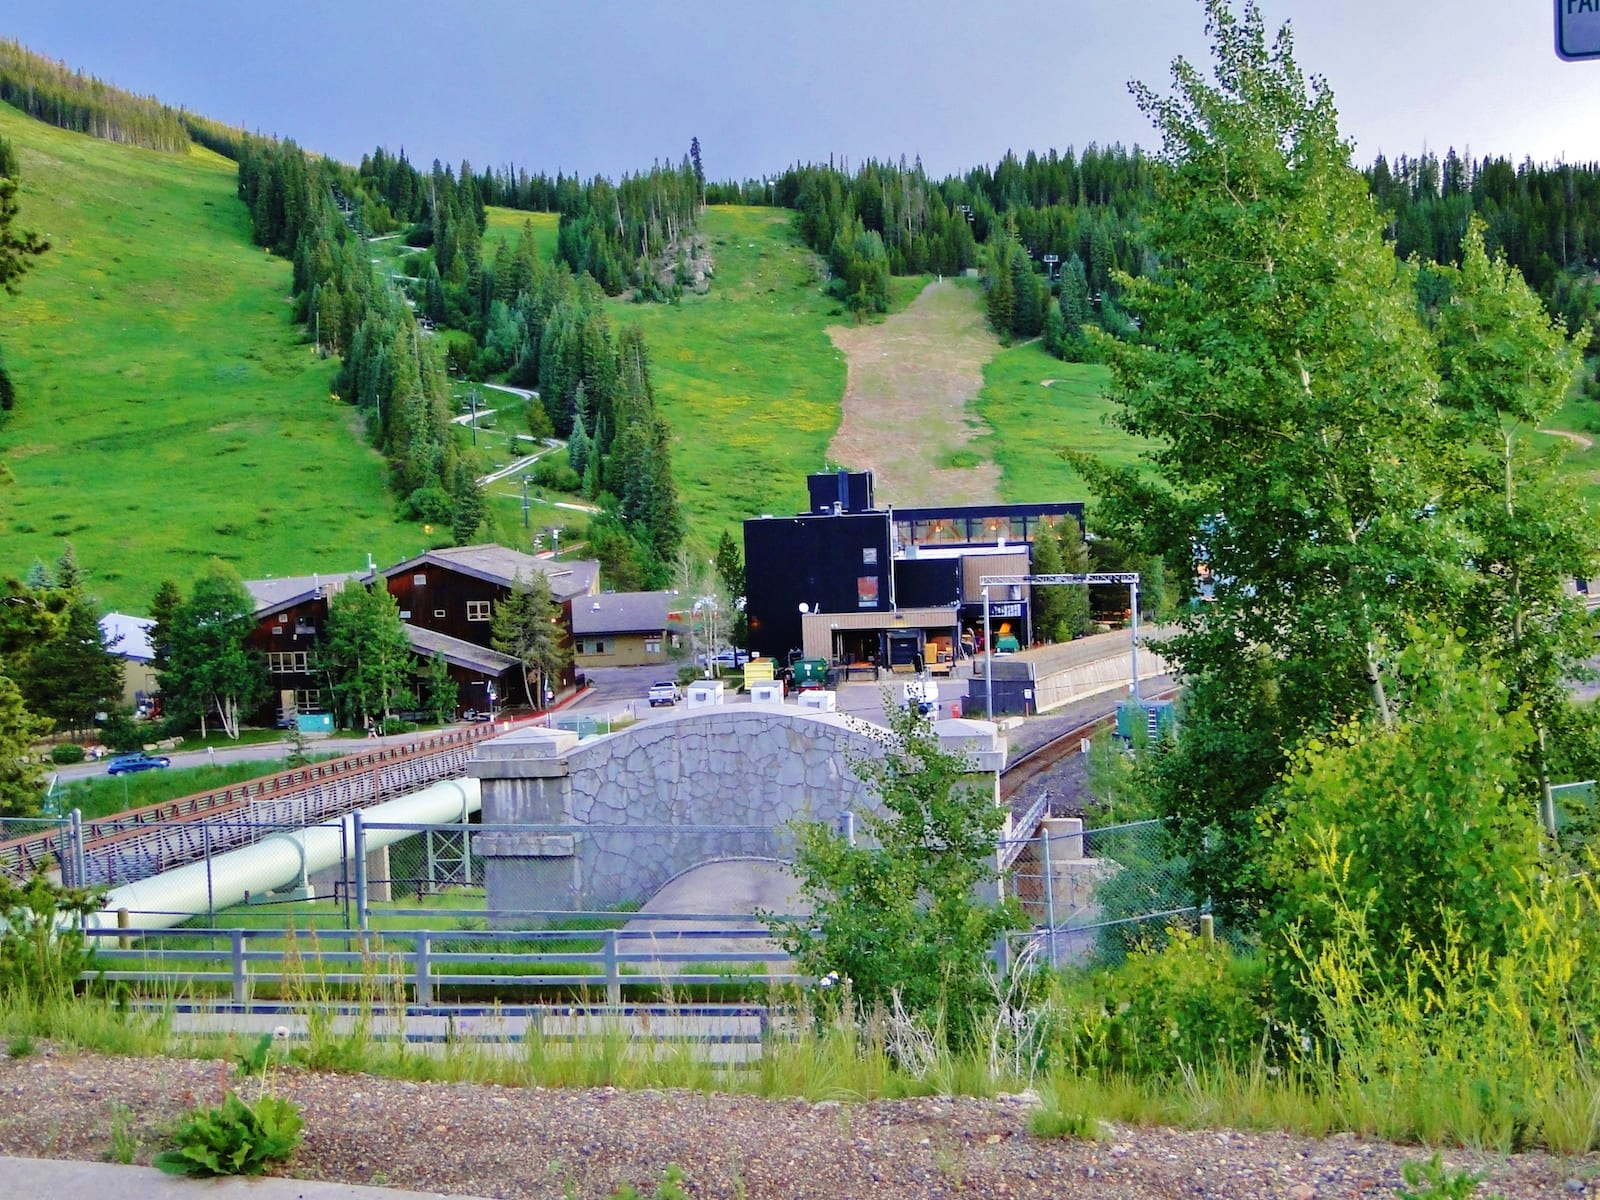 Winter Park Resort CO Railroad Tunnel